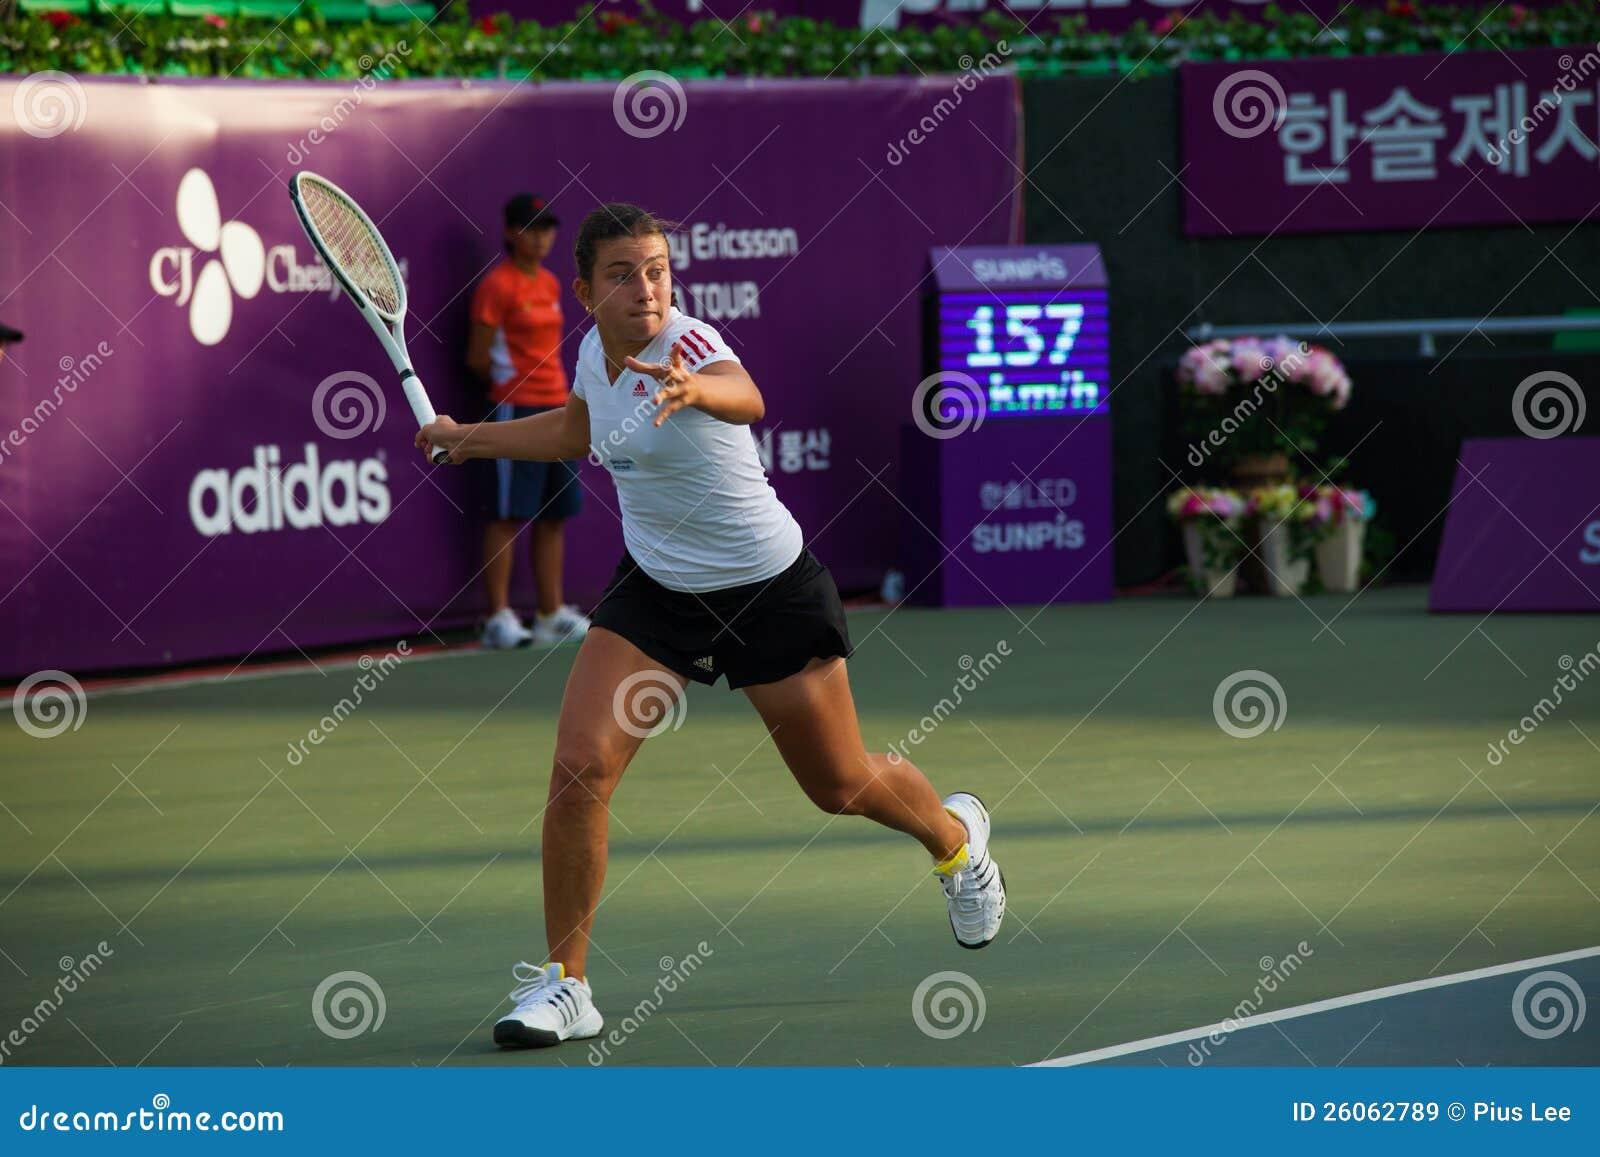 Anastasija Sevastova连续正手击球